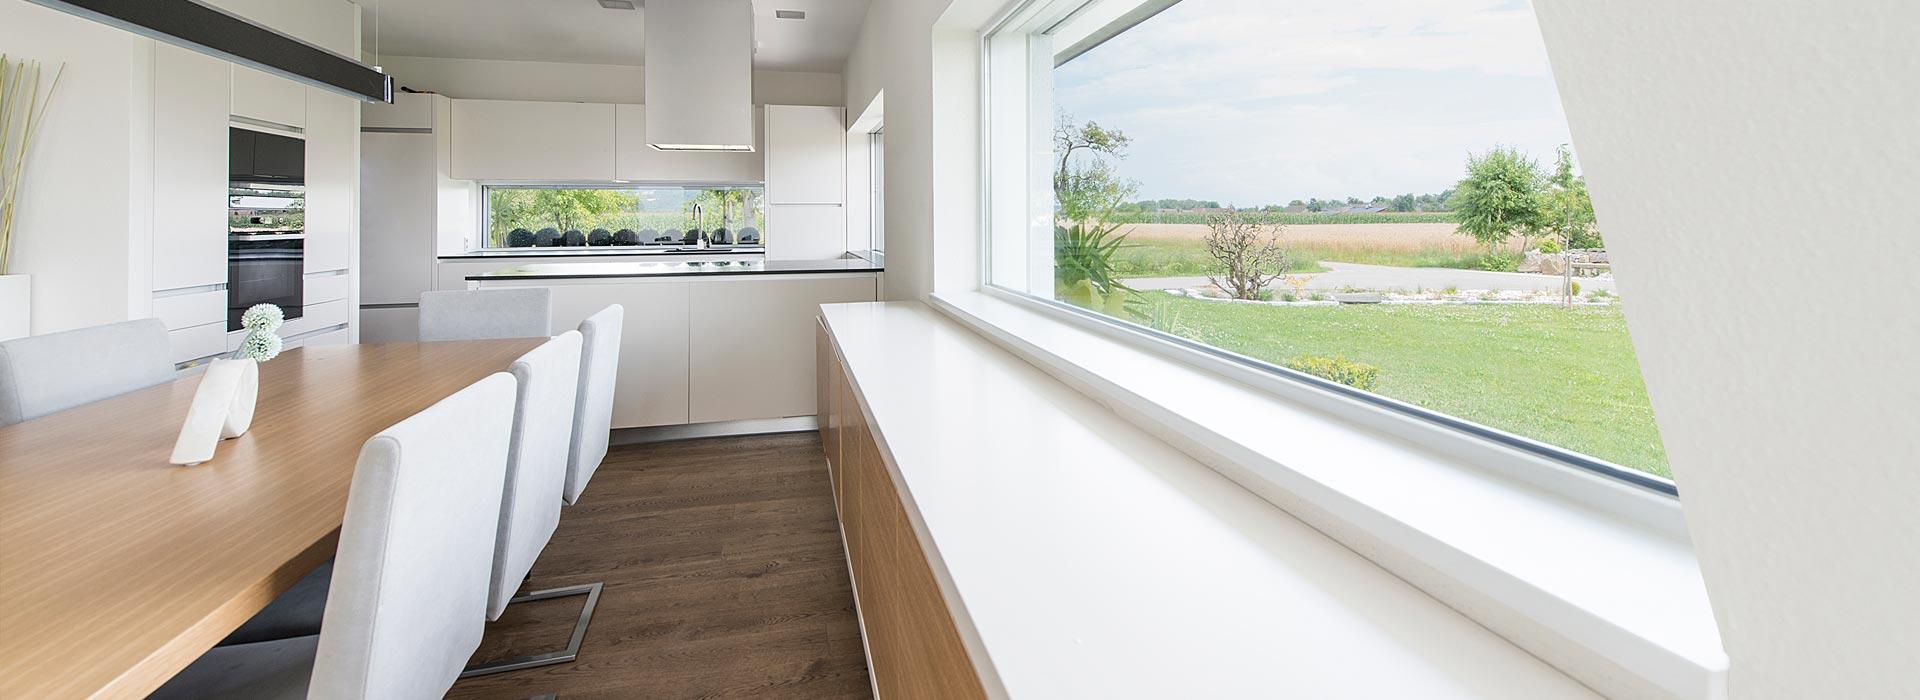 Area 33 design studio di progettazione e fornitura for Arredamenti per interni